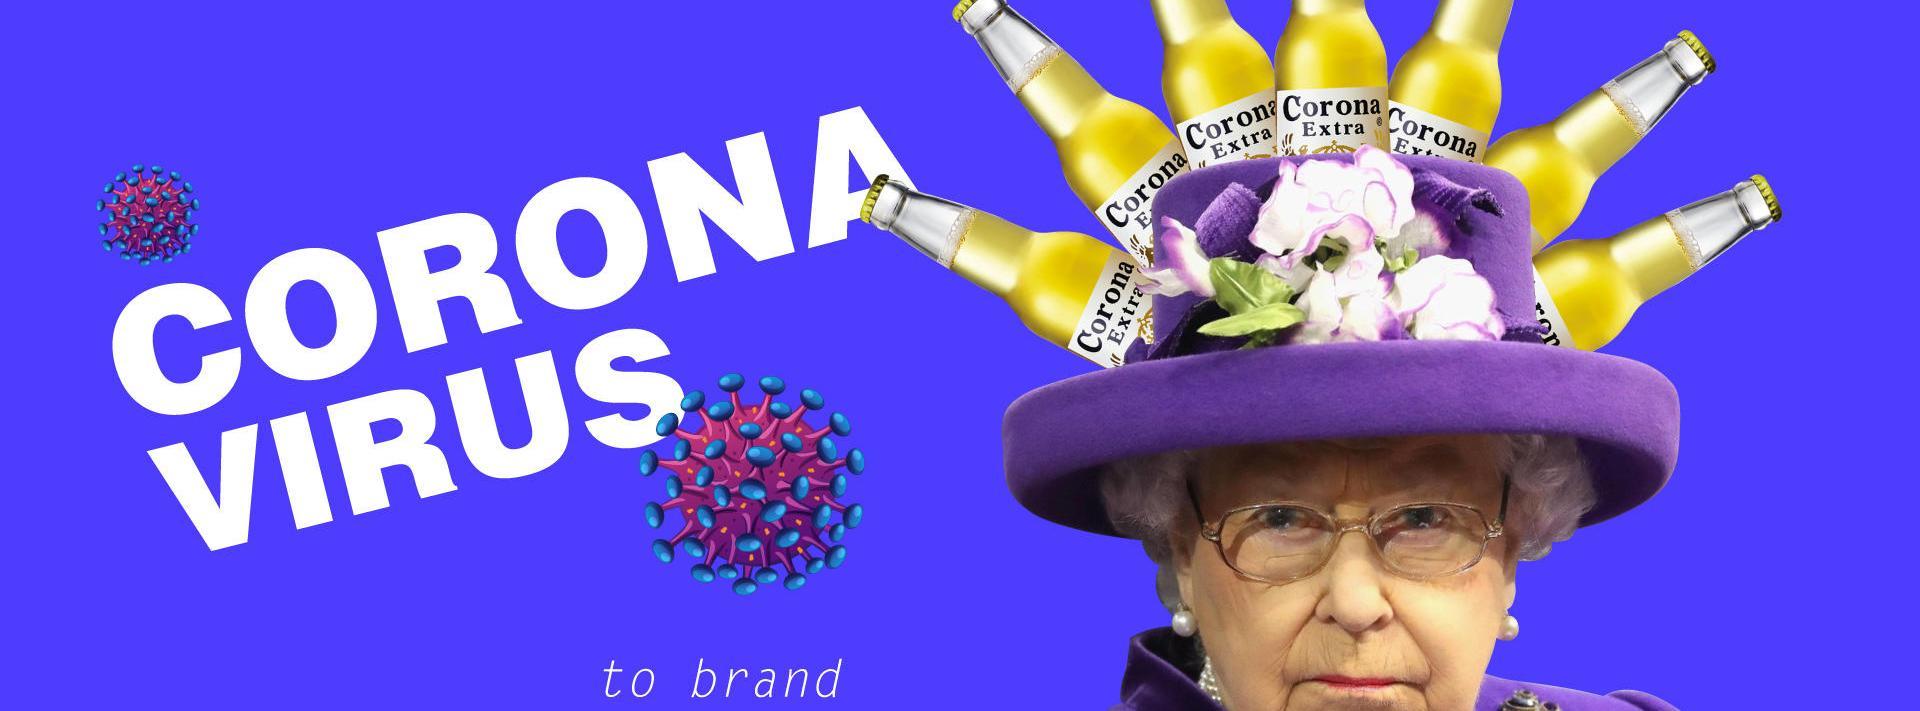 Гнучкість, гумор, креатив: як бізнесам пережити коронавірус